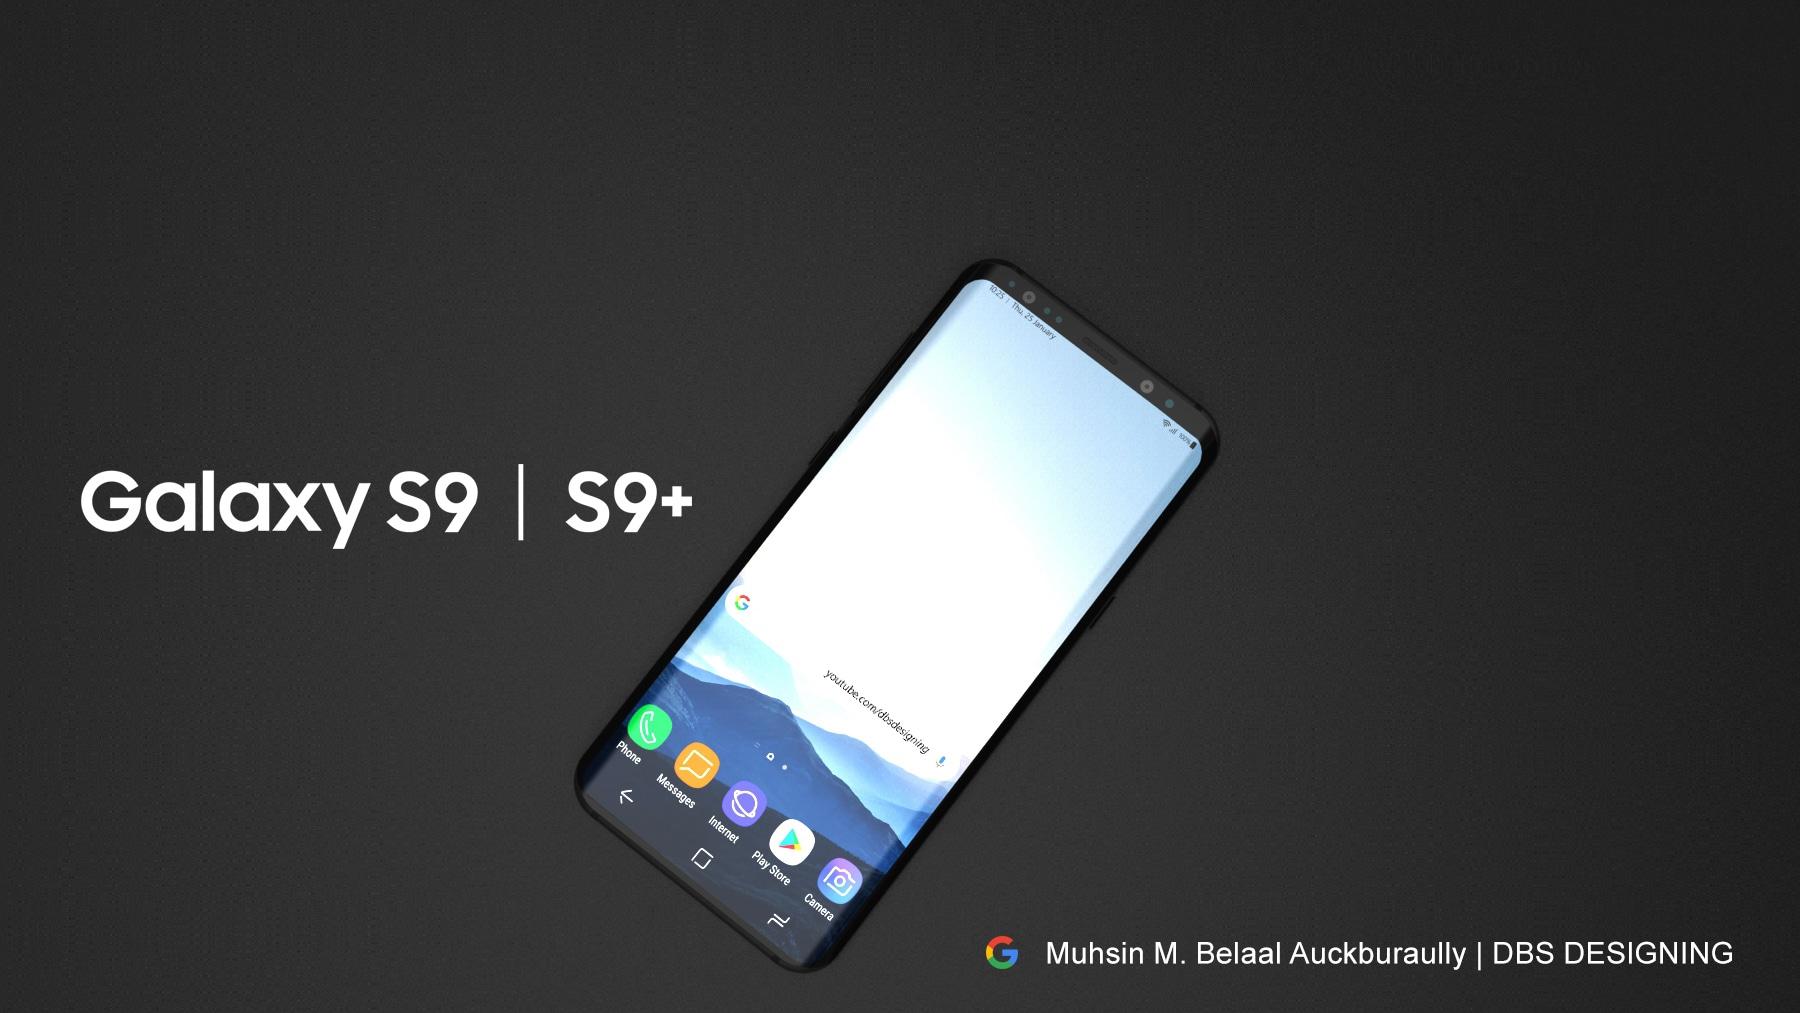 galaxy S9 prix samsung